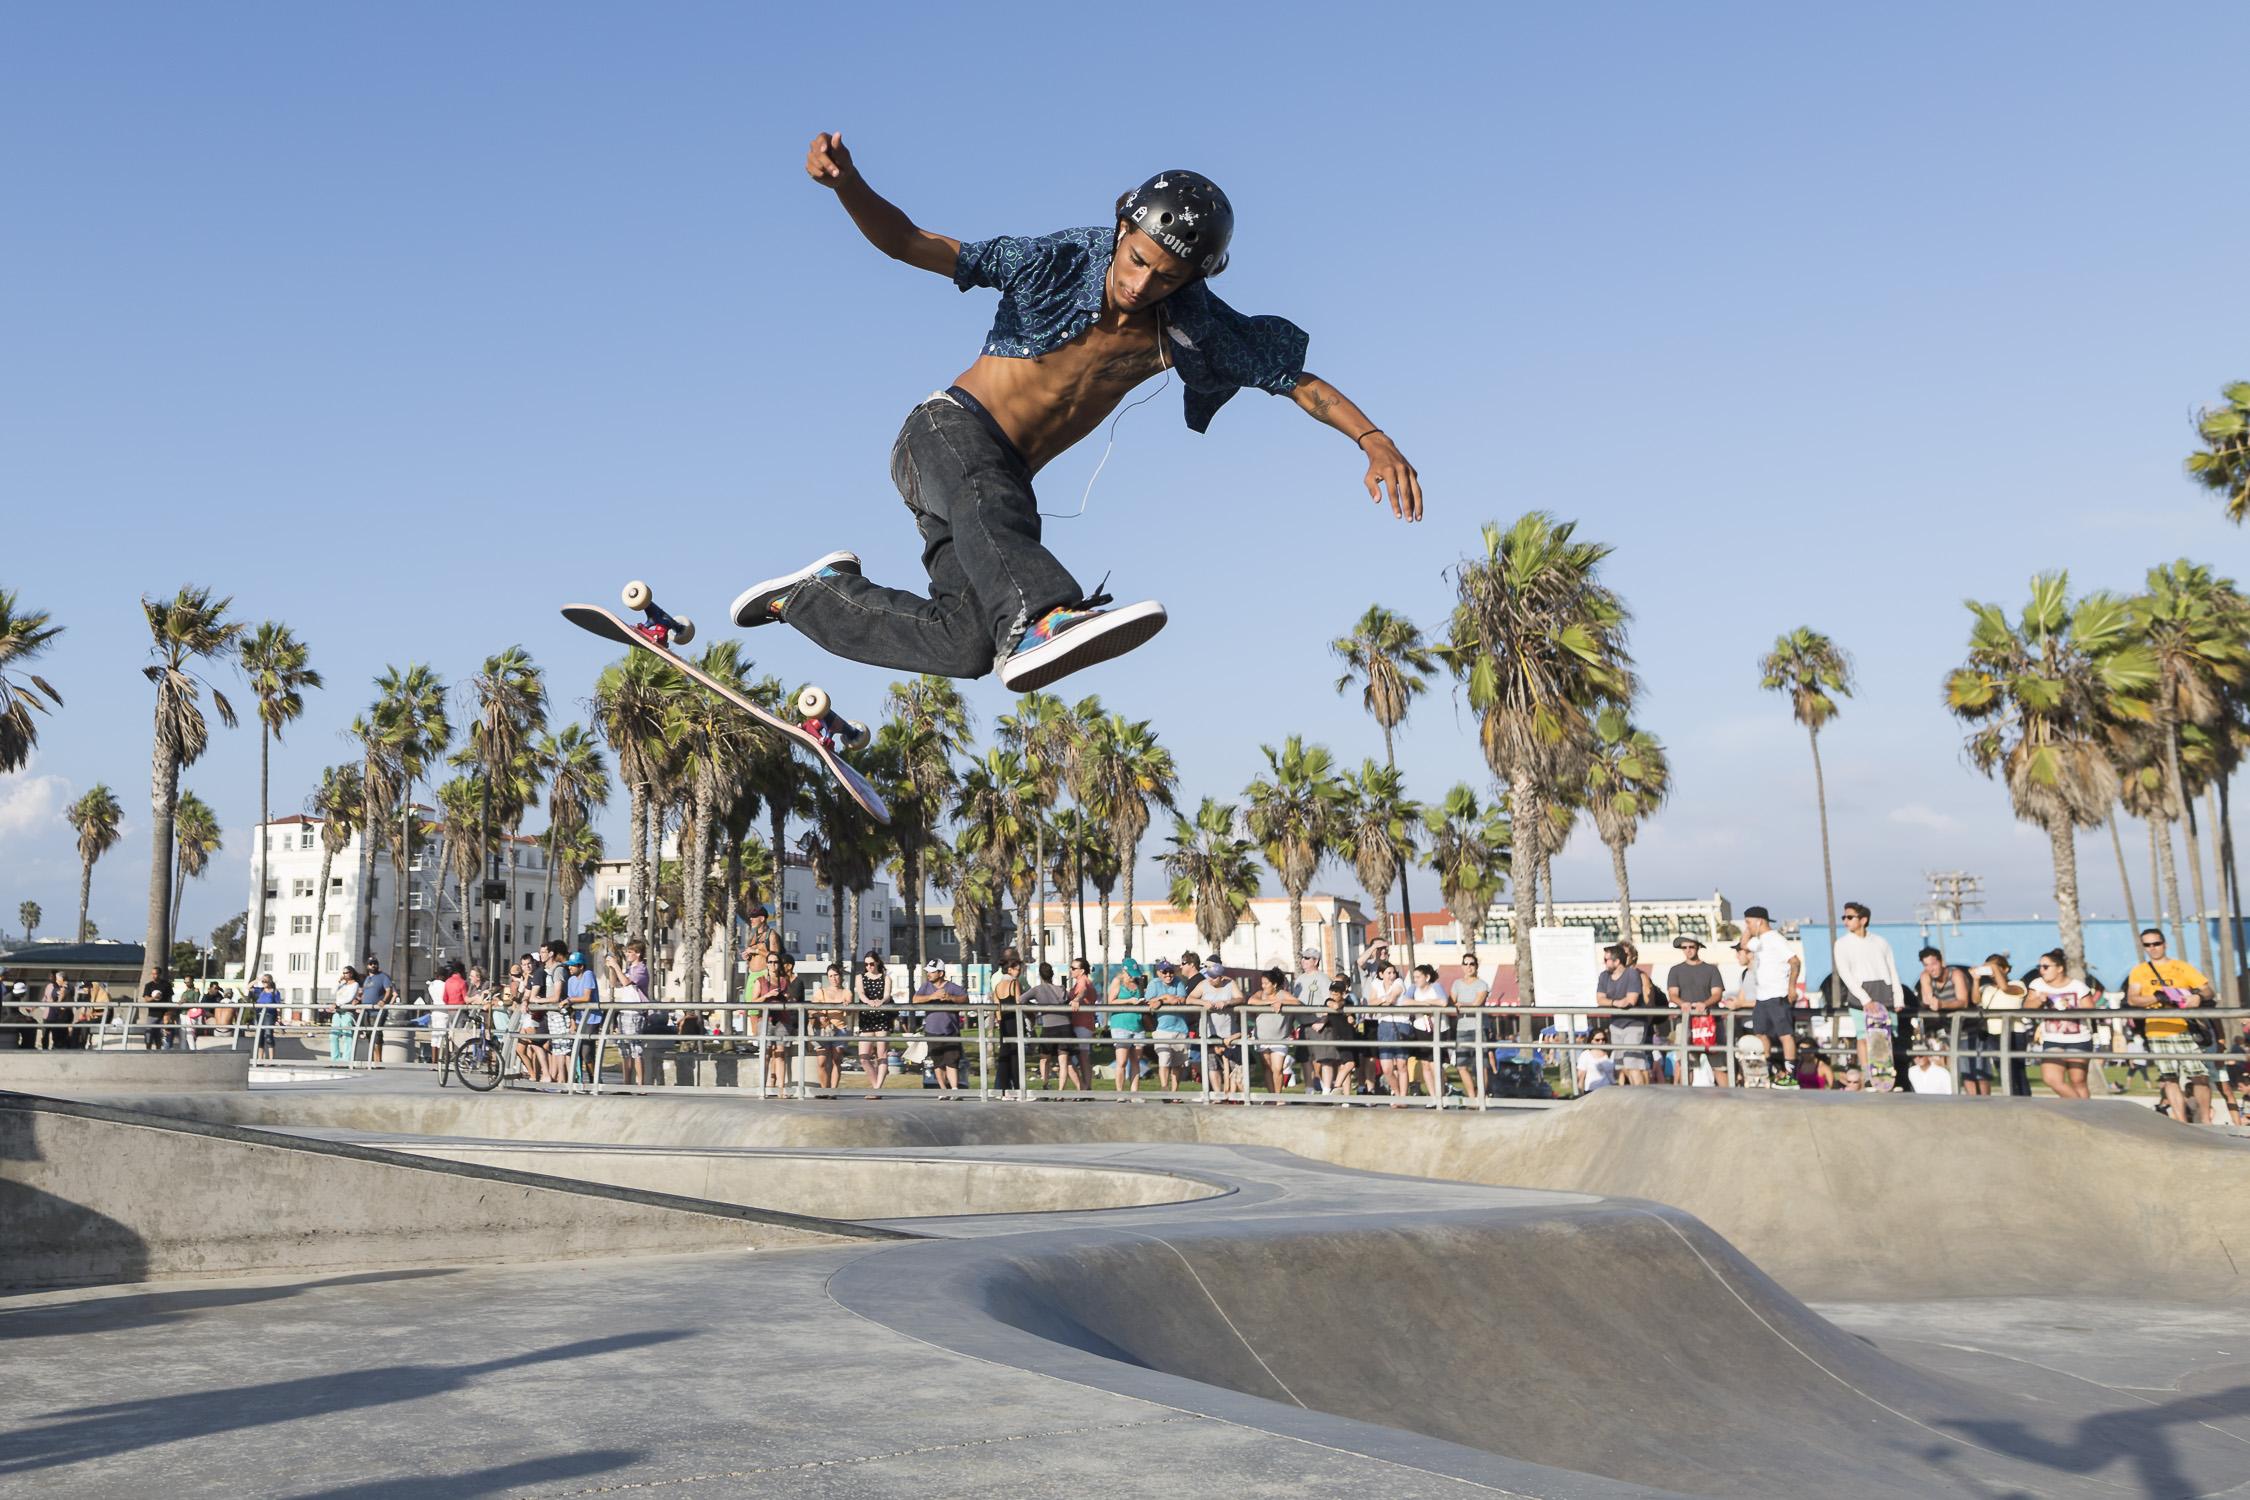 Portfolio(20151018 – Skater Venice Beach Skate Park – 76)